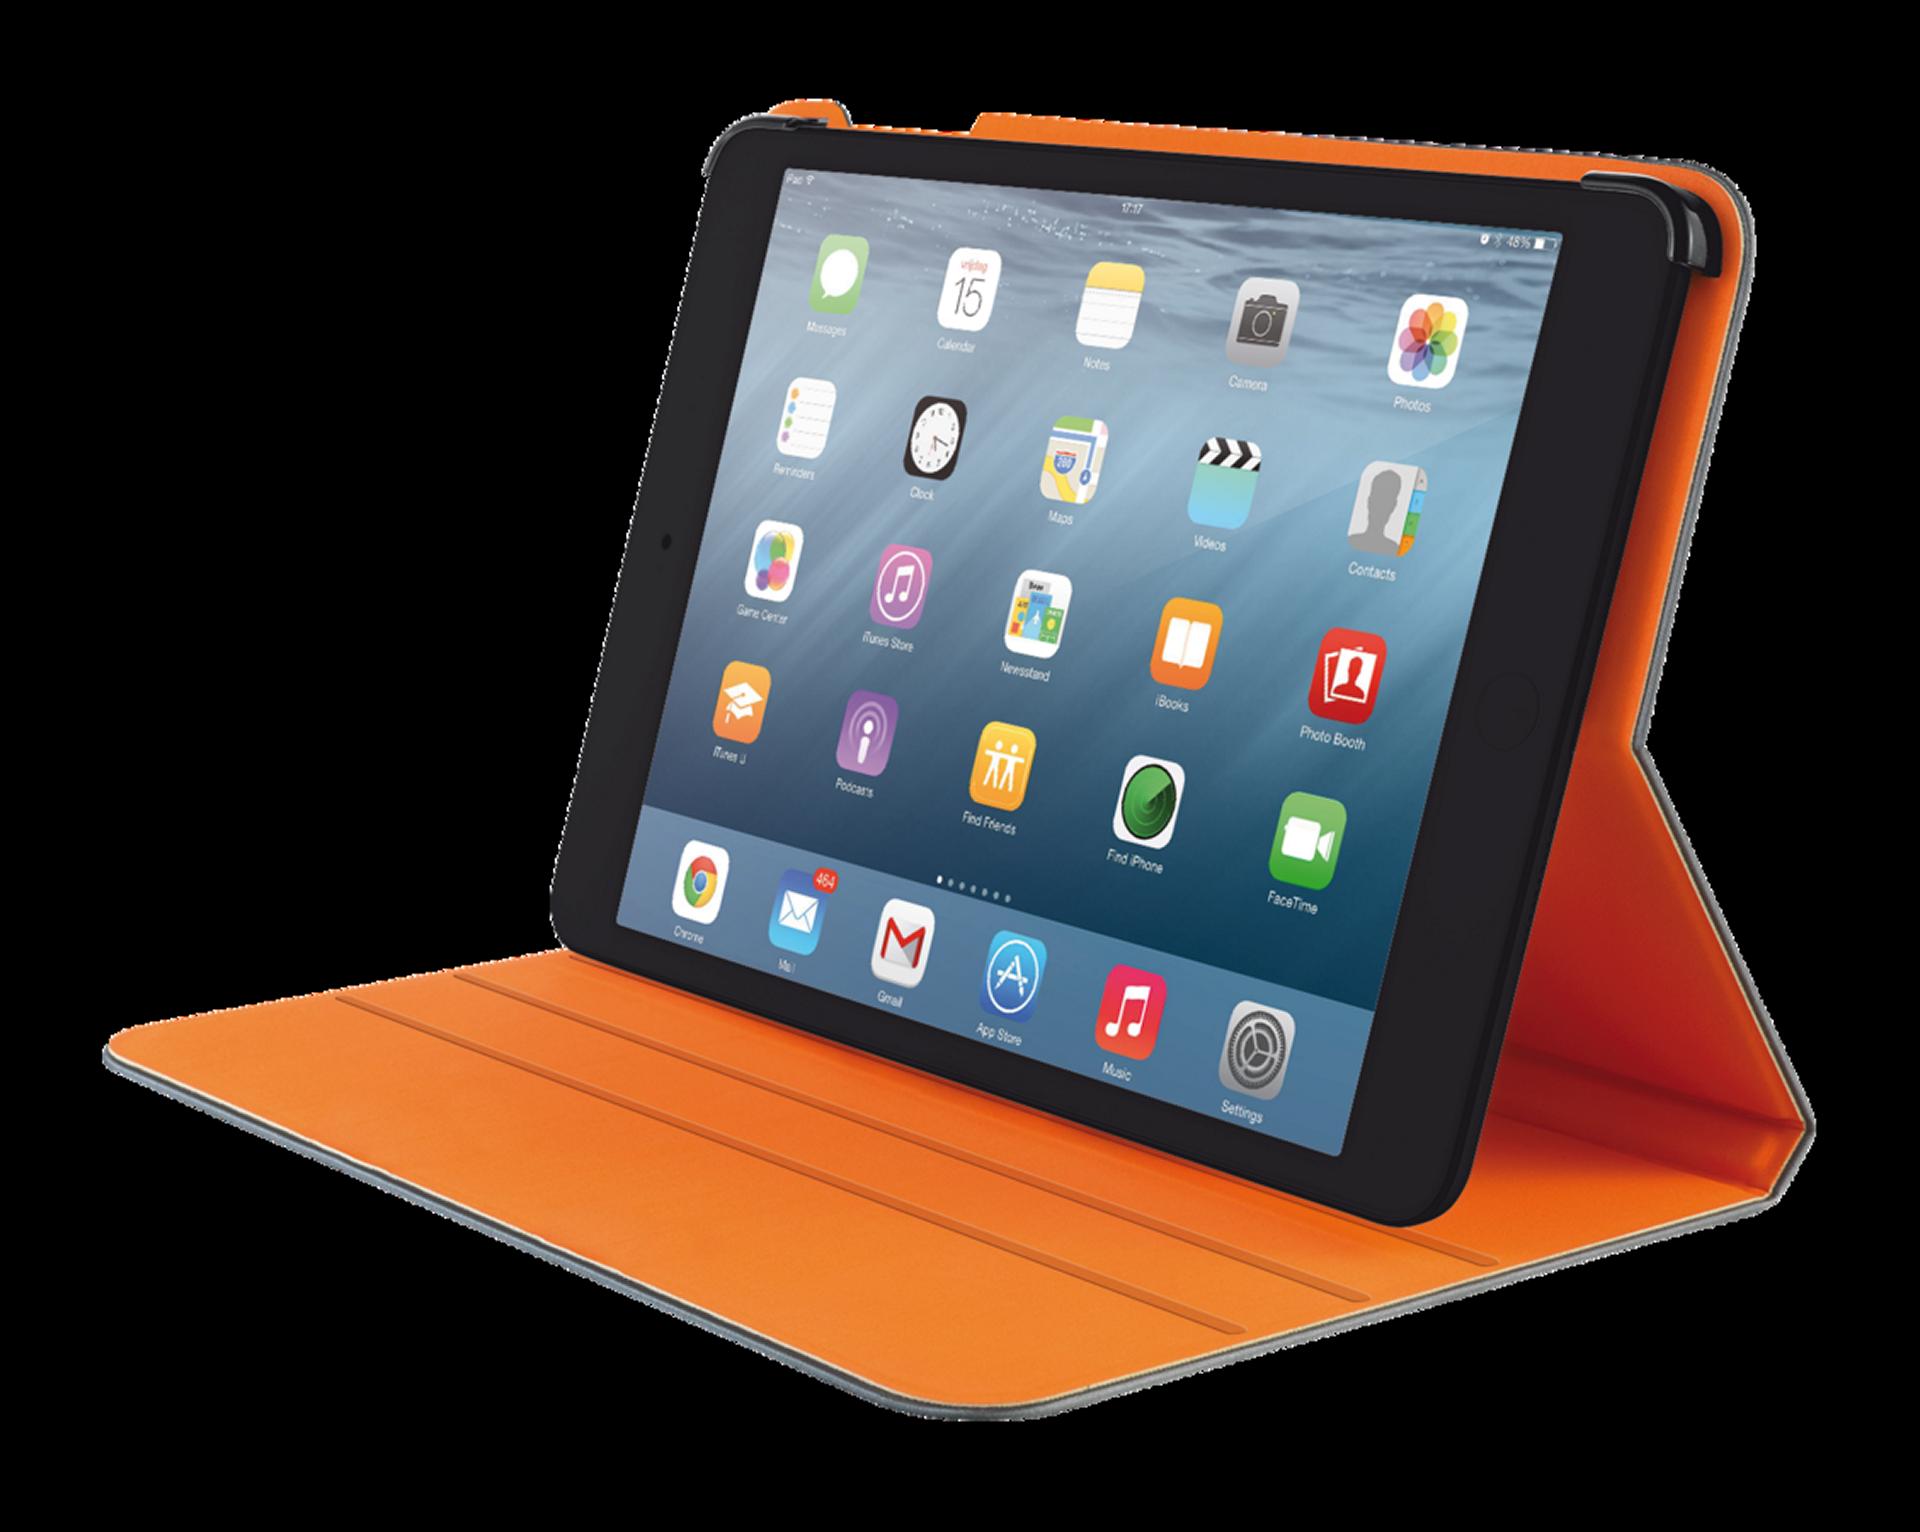 TRUST Pouzdro Aeroo Ultrathin Folio Stand for iPad Air 2 - šedá/oranžová